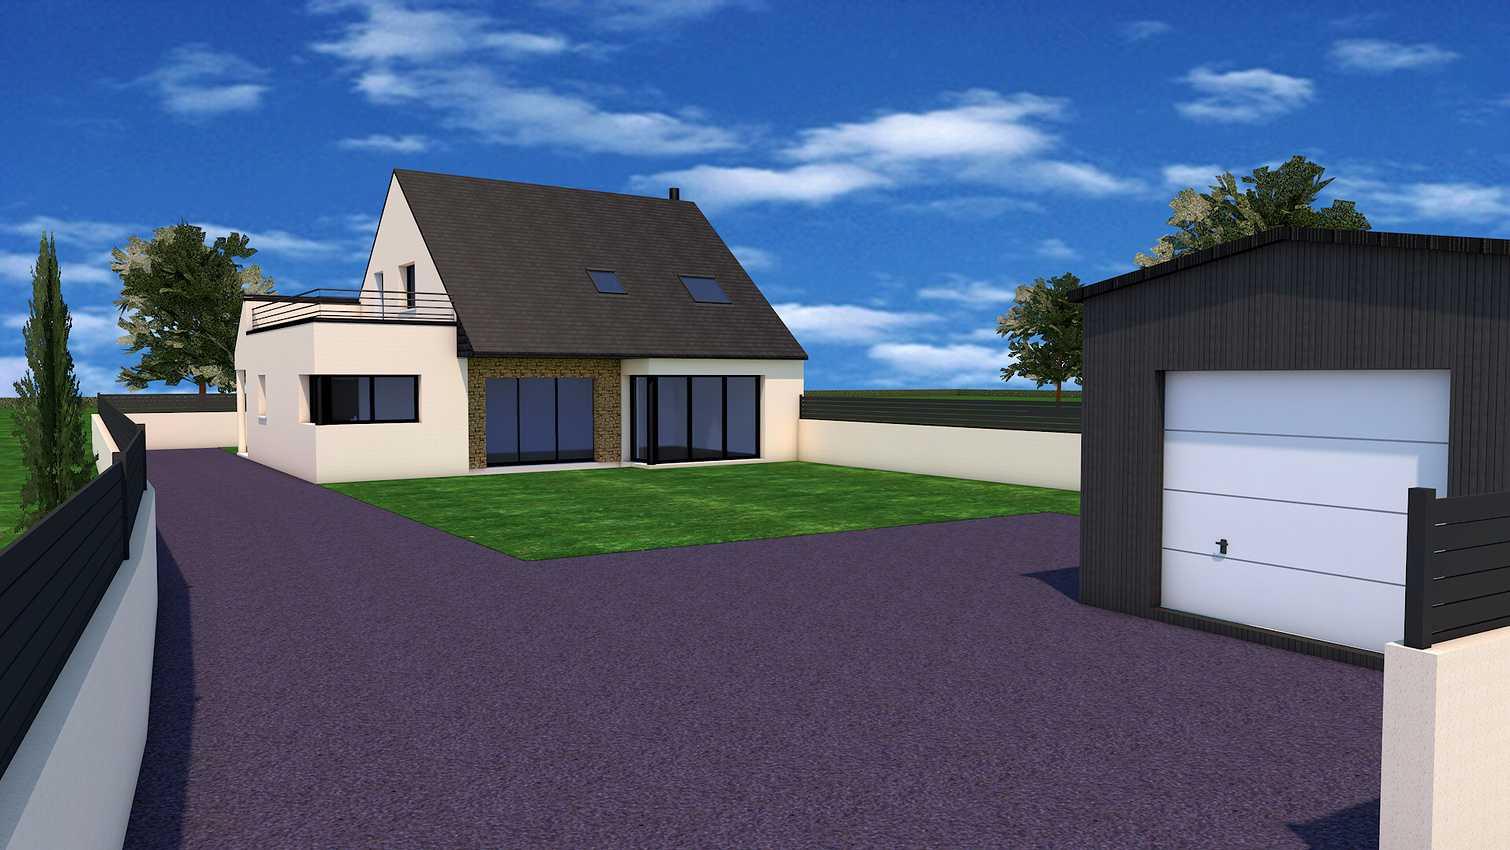 Permis de construire sur la commune d''Erquy 22430. insertionpcmi6